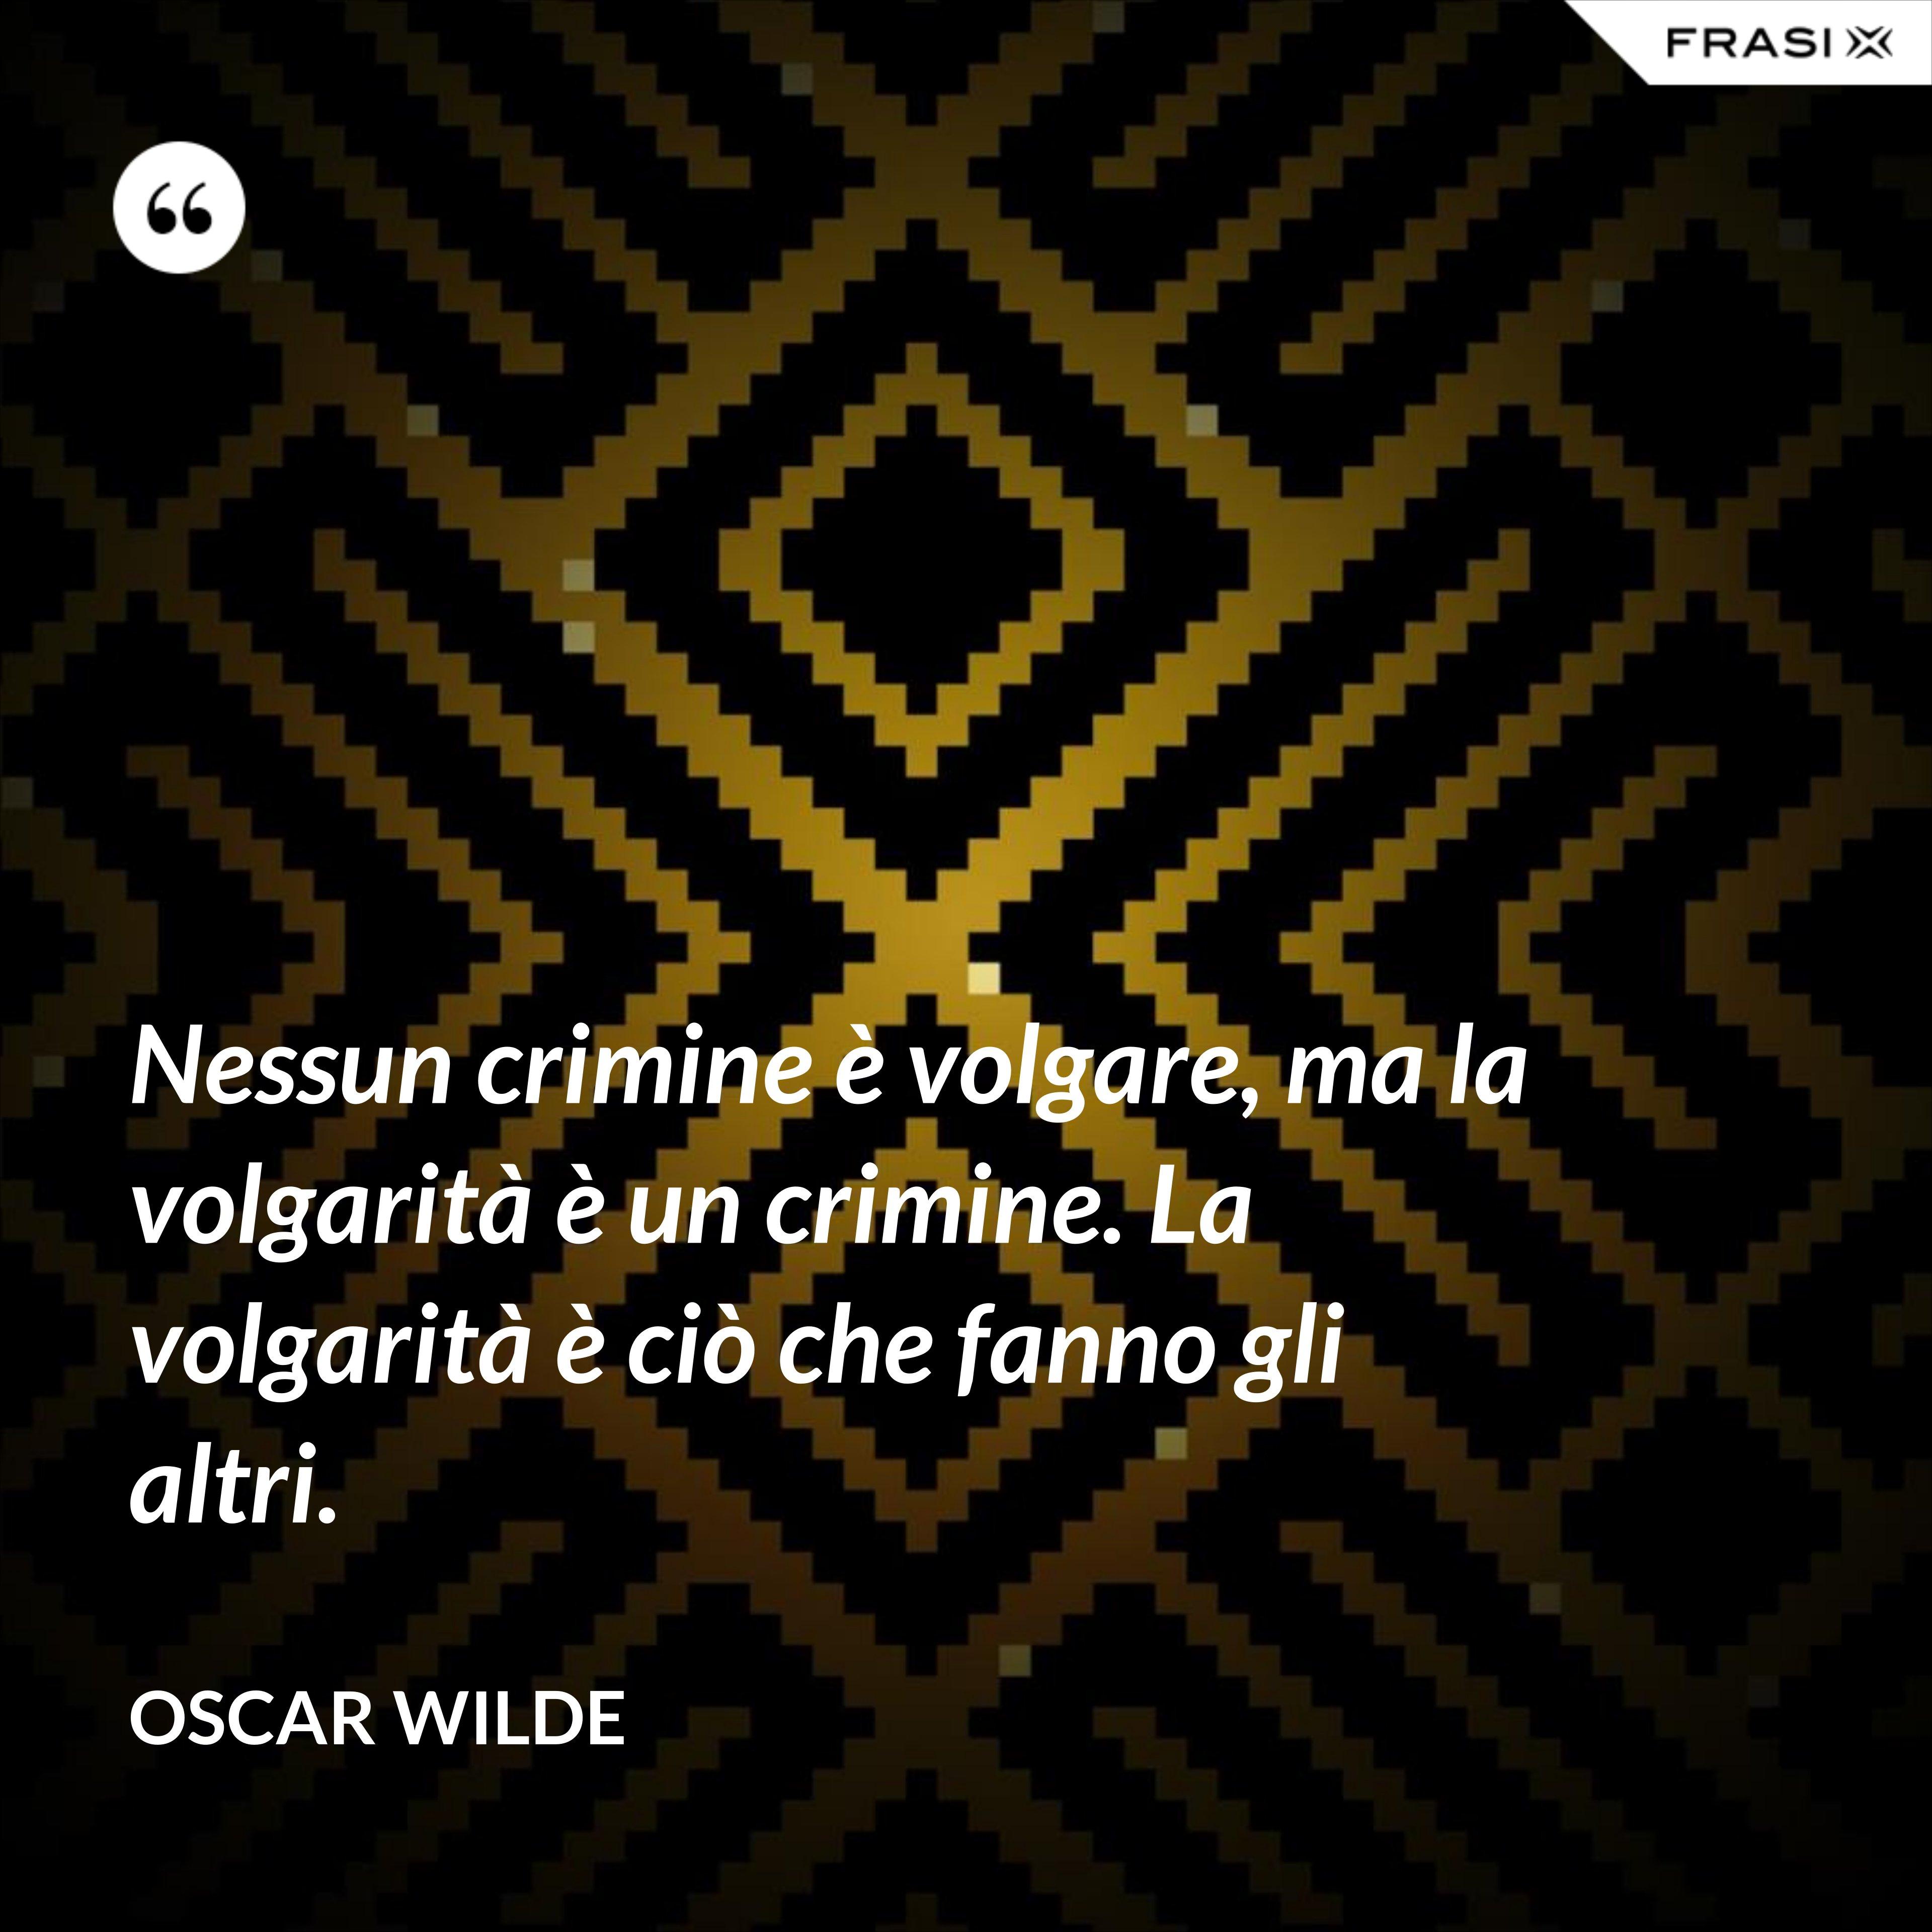 Nessun crimine è volgare, ma la volgarità è un crimine. La volgarità è ciò che fanno gli altri. - Oscar Wilde